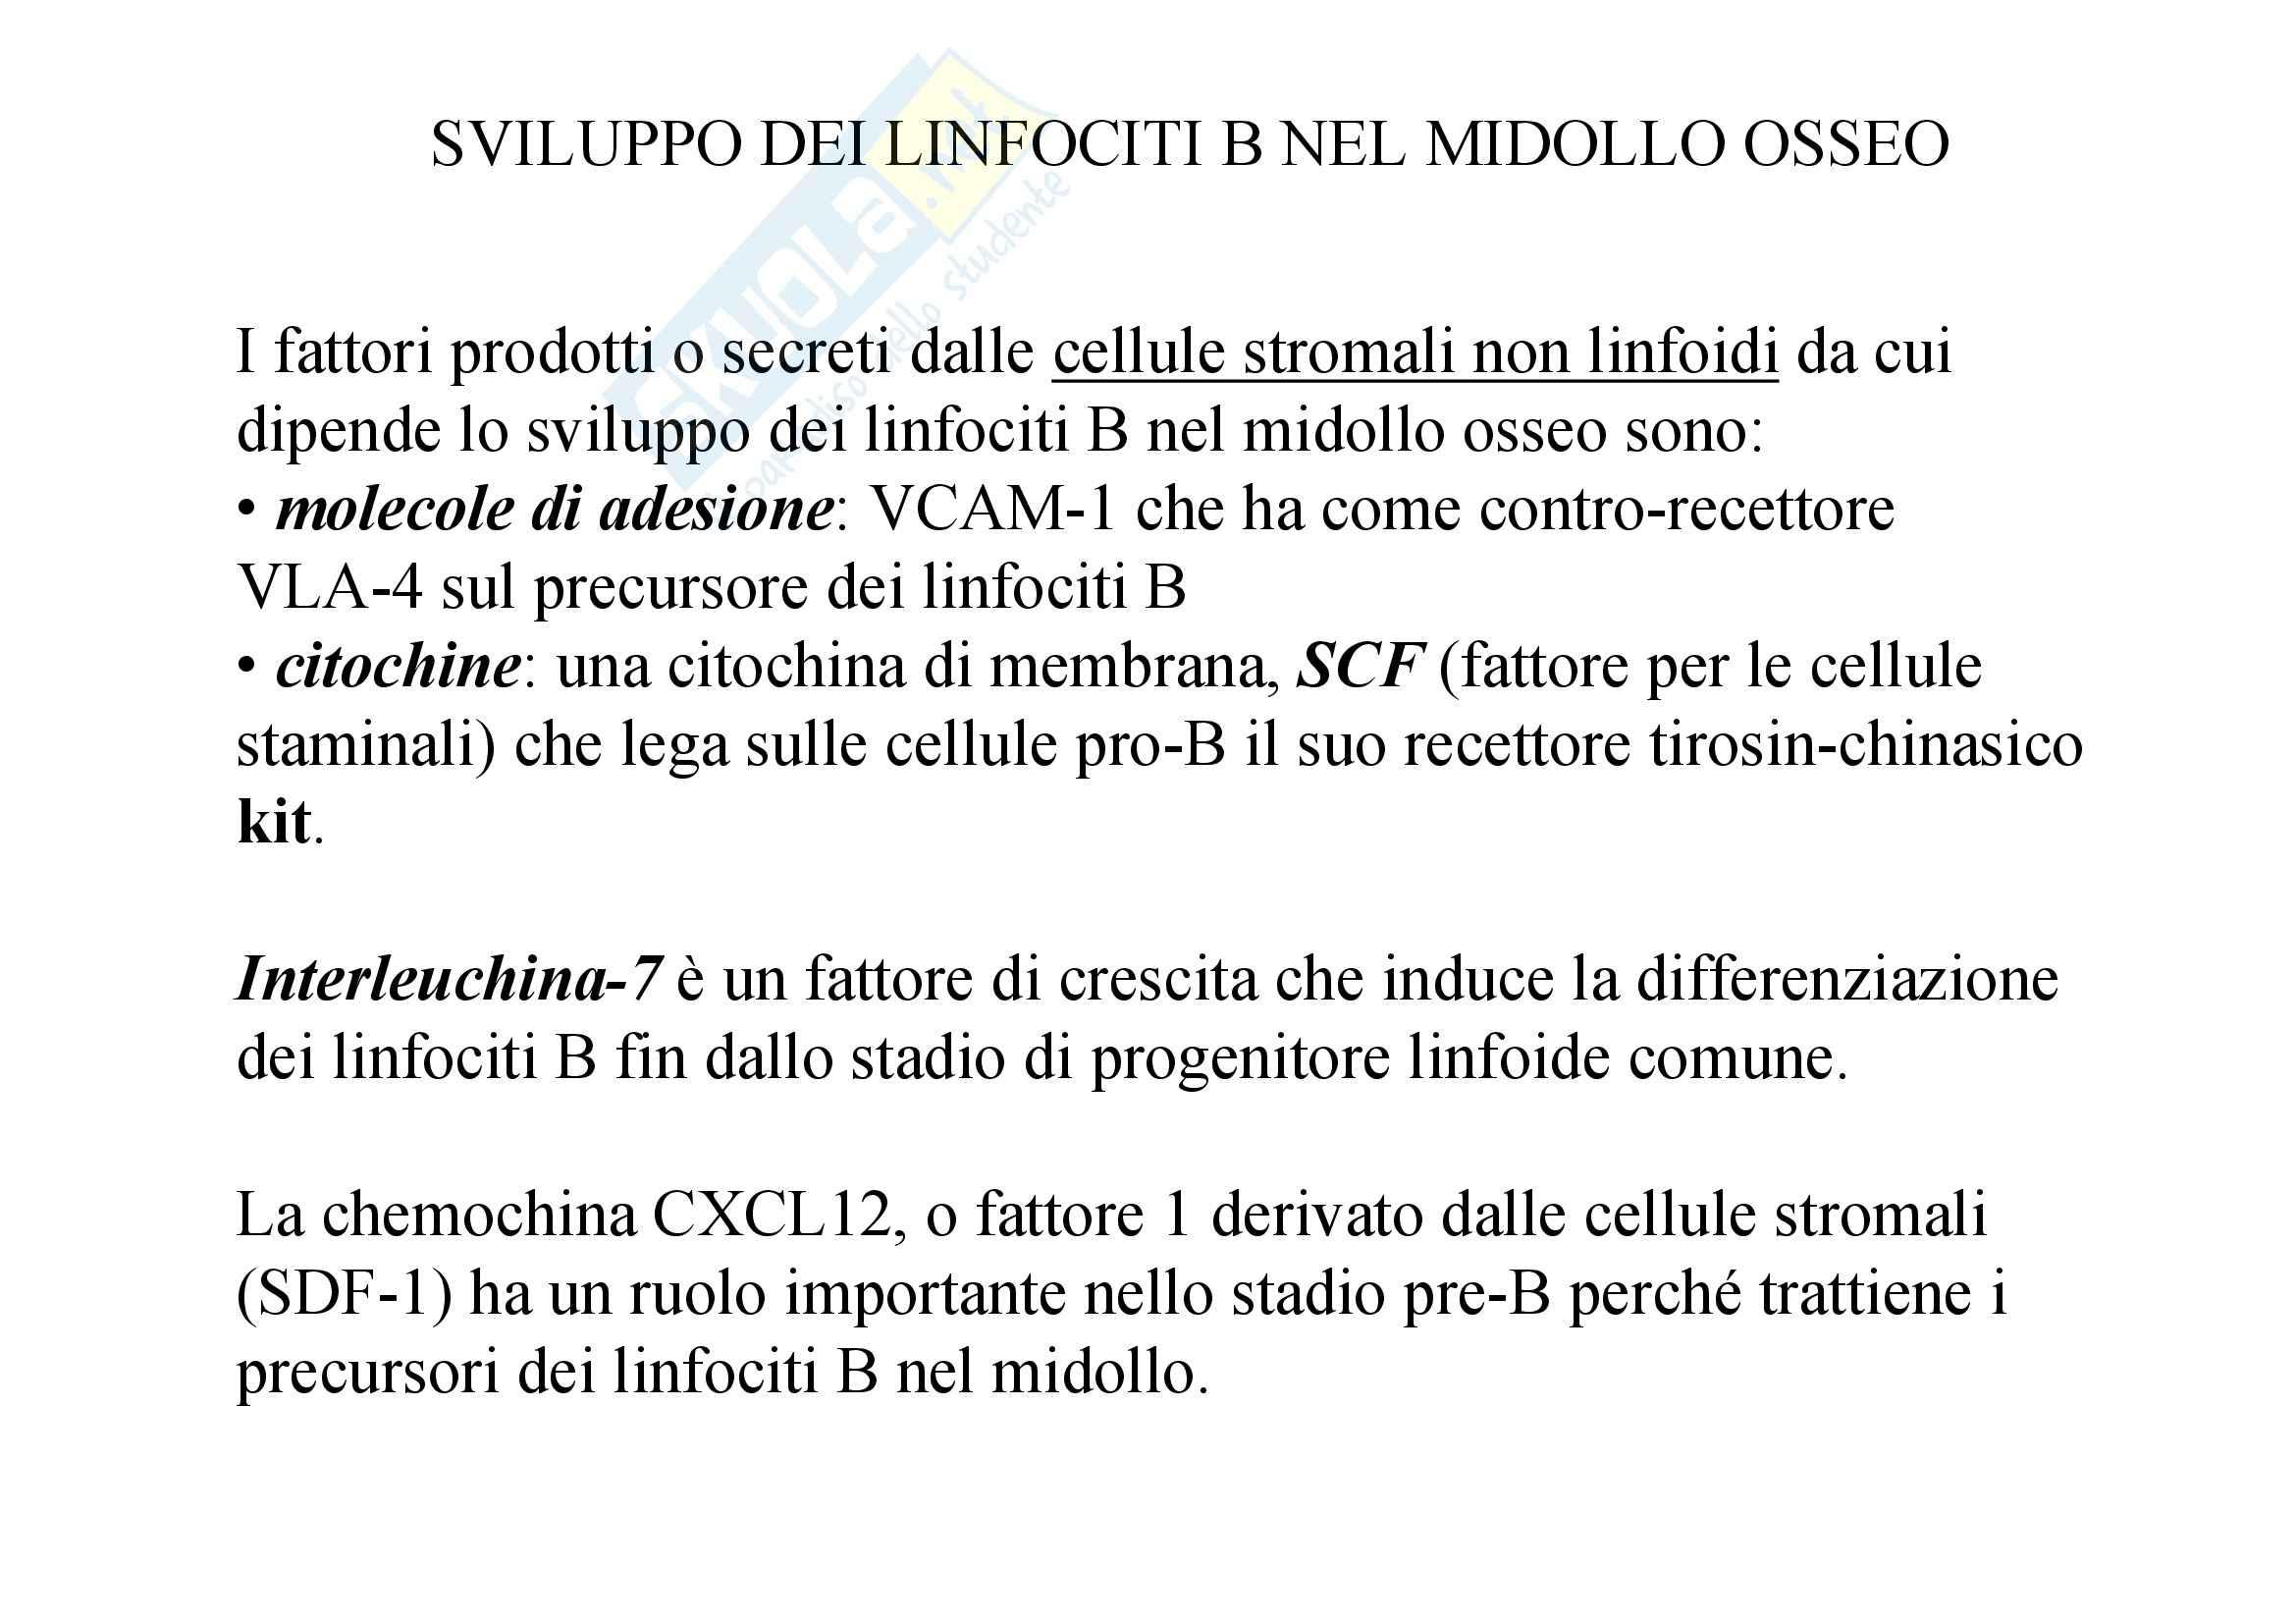 Immunologia - sviluppo e sopravvivenza dei linfociti Pag. 11